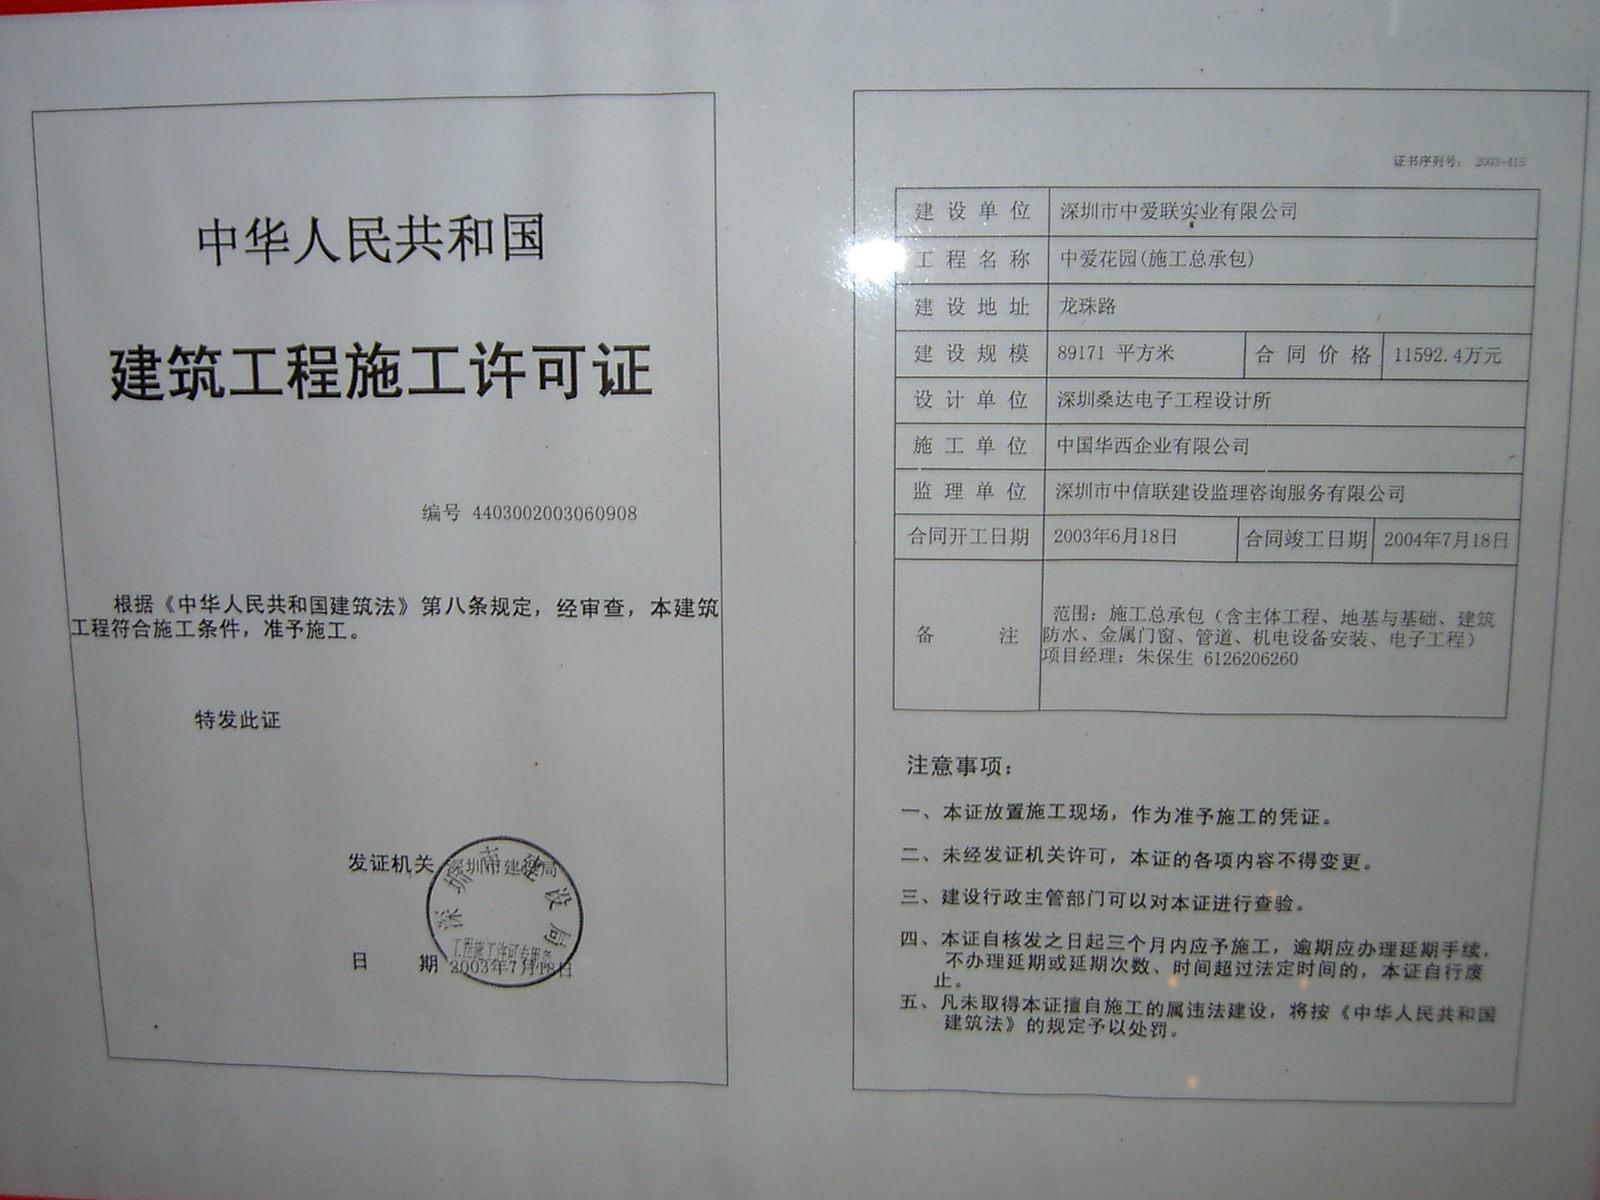 店面装修工程施工合同协议条款